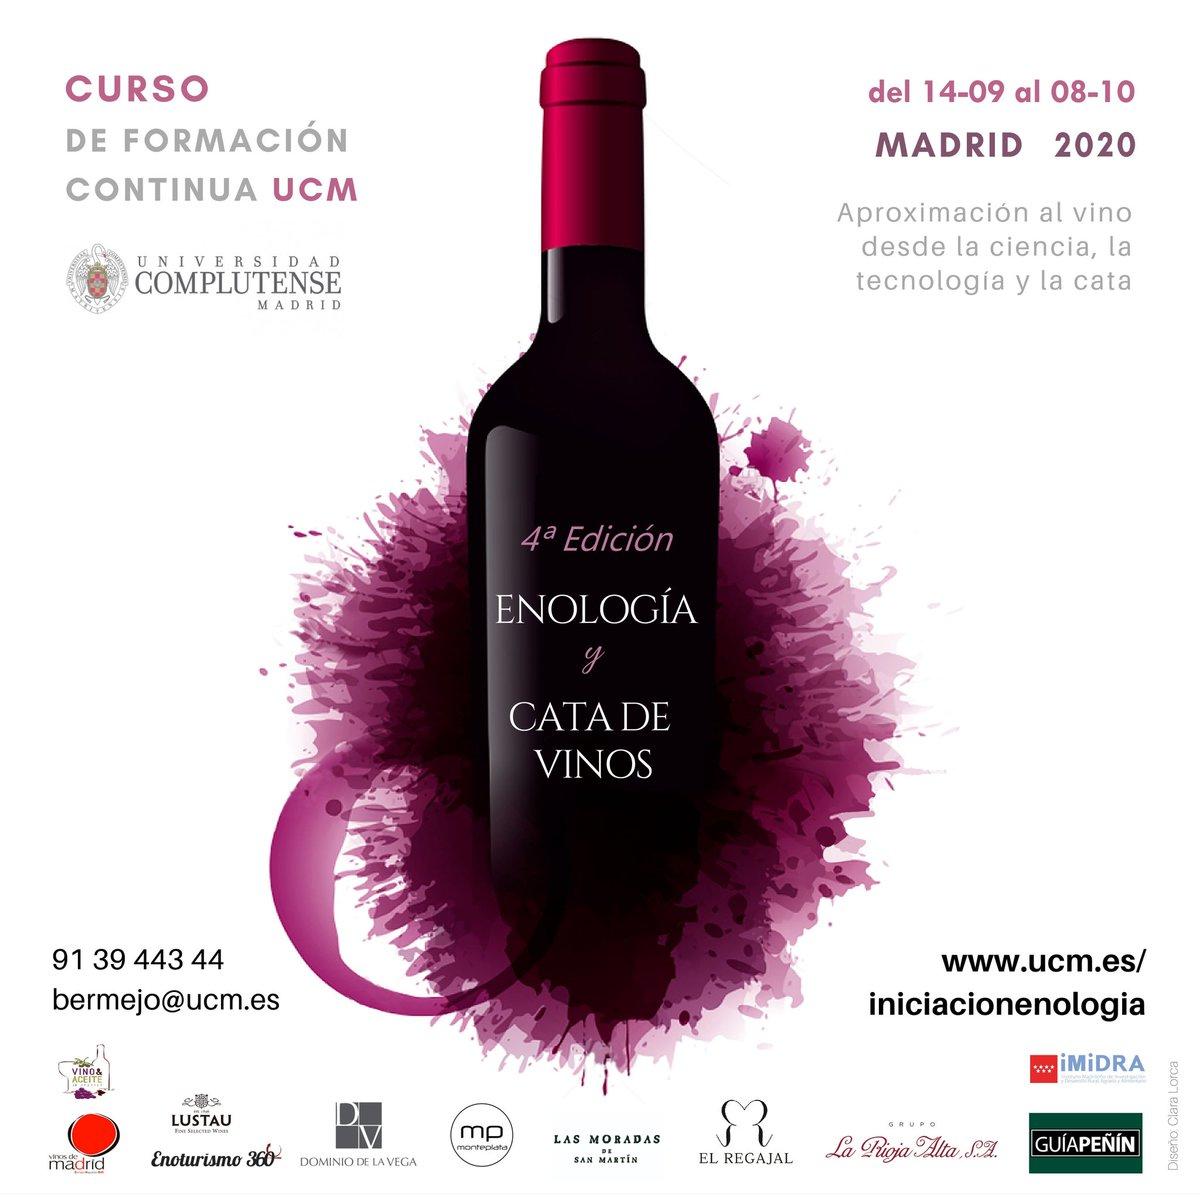 En una semana arrancamos el Curso de Enología y Cata de Vinos de @unicomplutense  Visitaremos 3 bodegas de @VinosdeMadridDO: @BodegaRegajal, @LasMoradasdeSM y Vinícola de Arganda Y Finca El Encín del @midra_i #UCM #vino #Formación https://t.co/qS7MMfQpl0